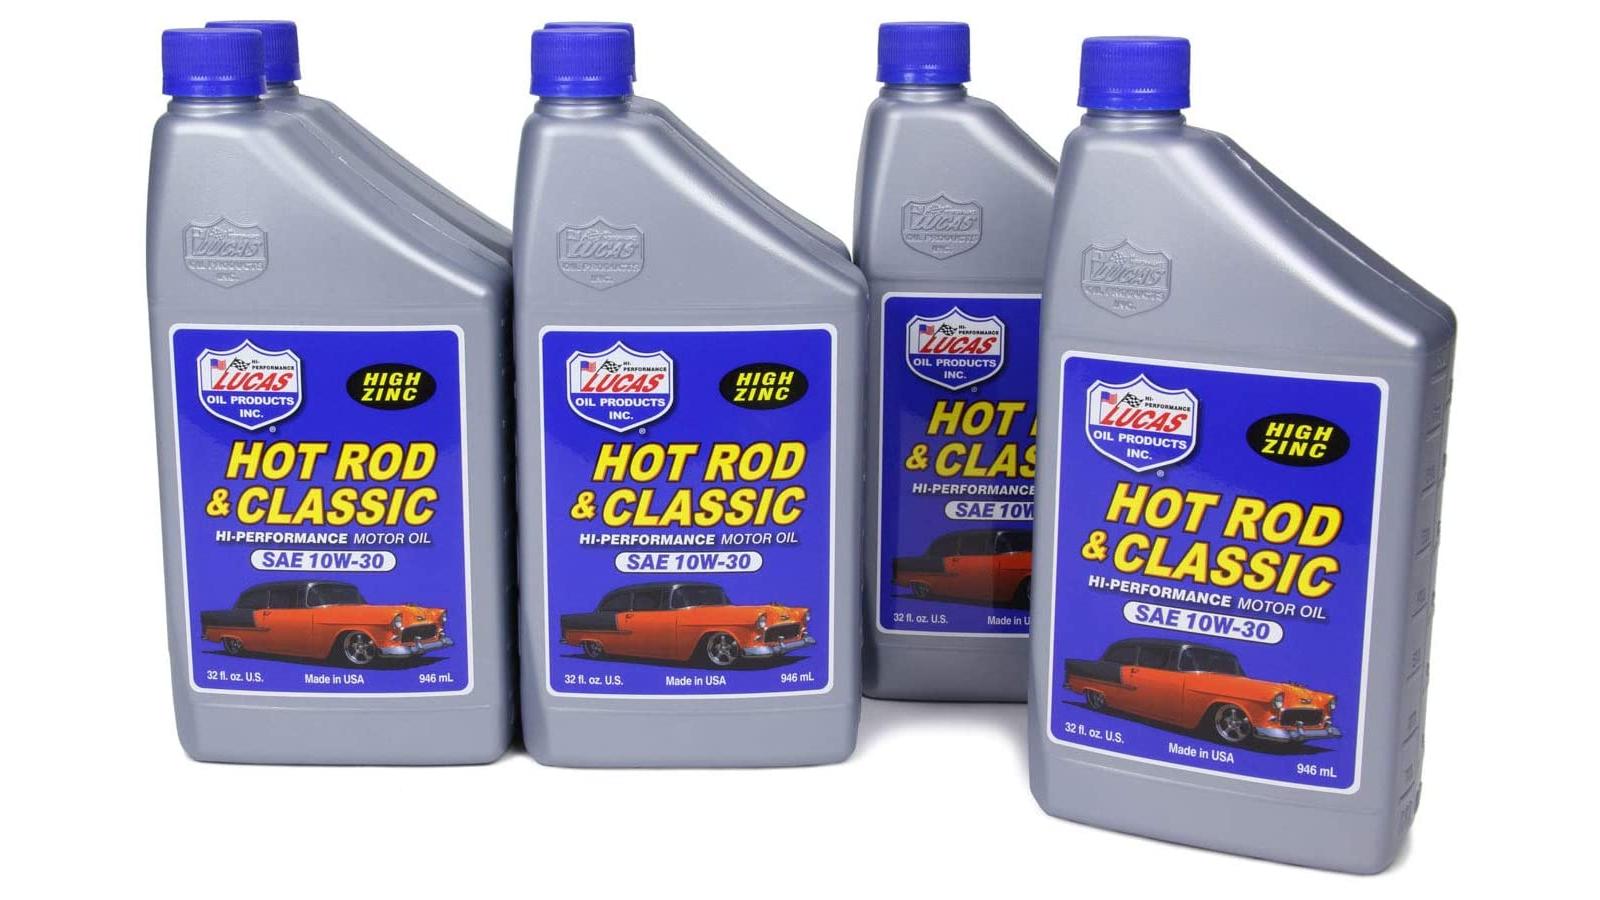 Four silver bottles of Lucas motor oil.